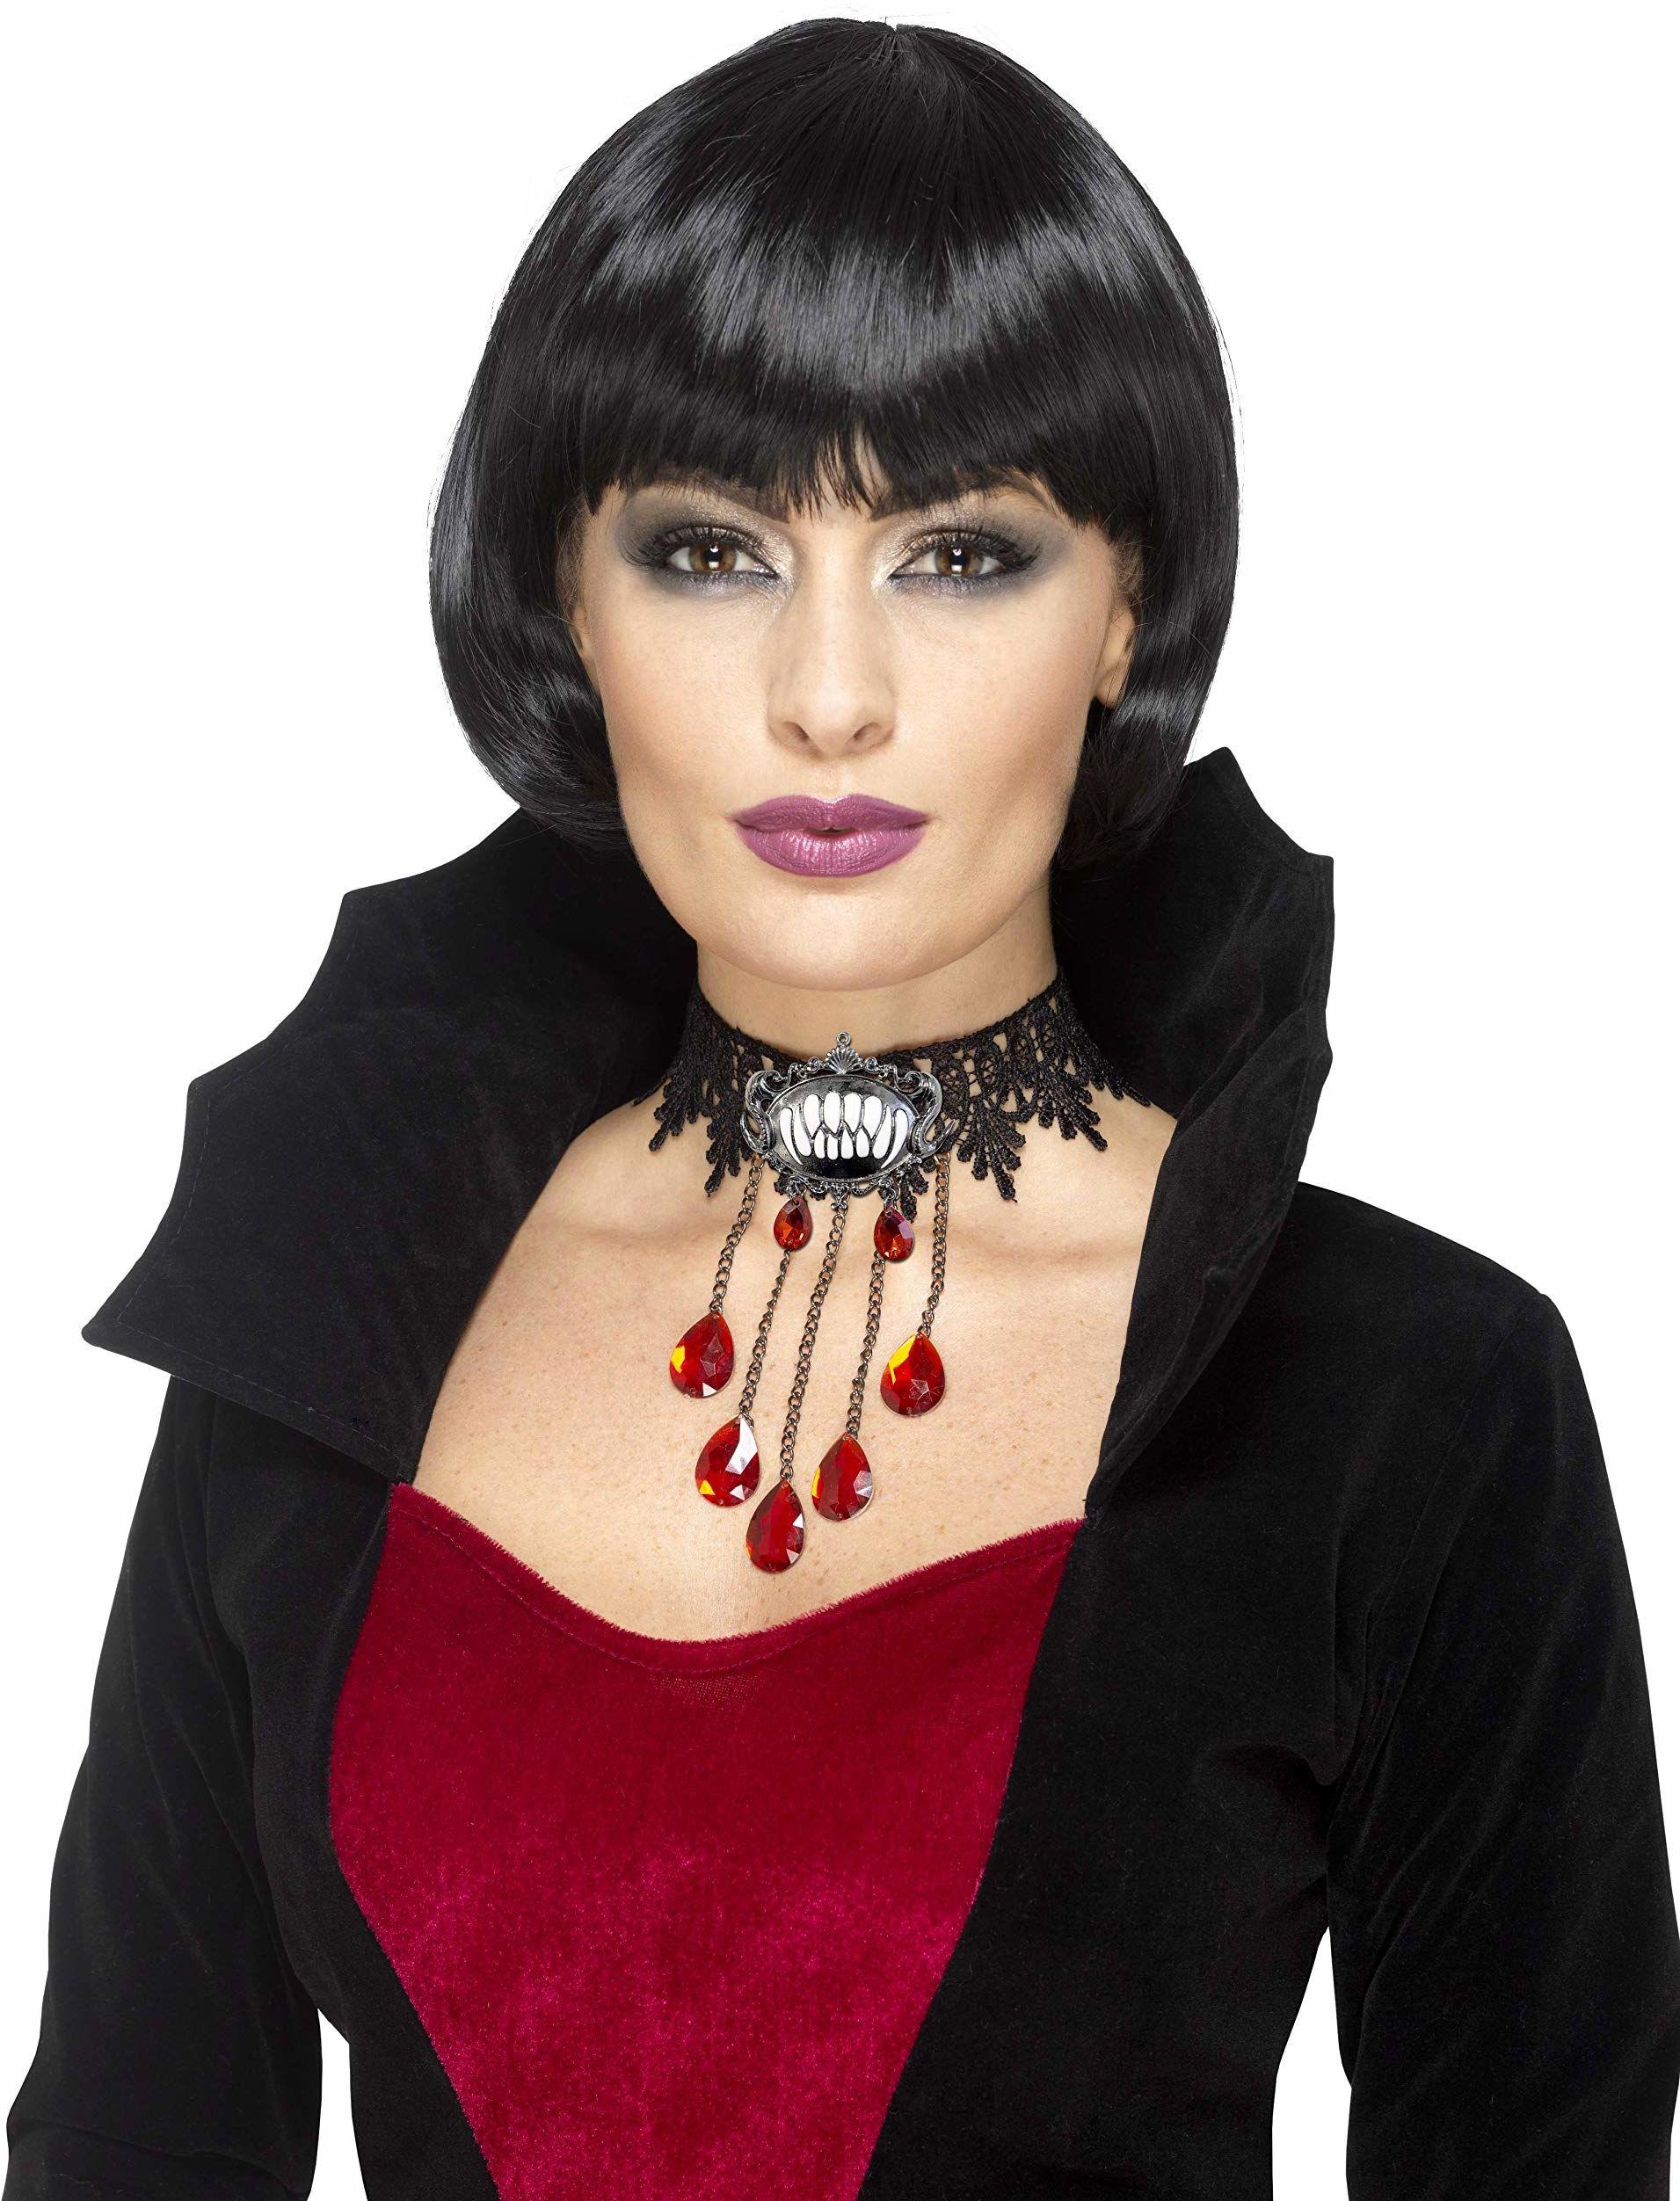 Smiffys 48320 Deluxe gotycki wampir choker, czarny, jeden rozmiar